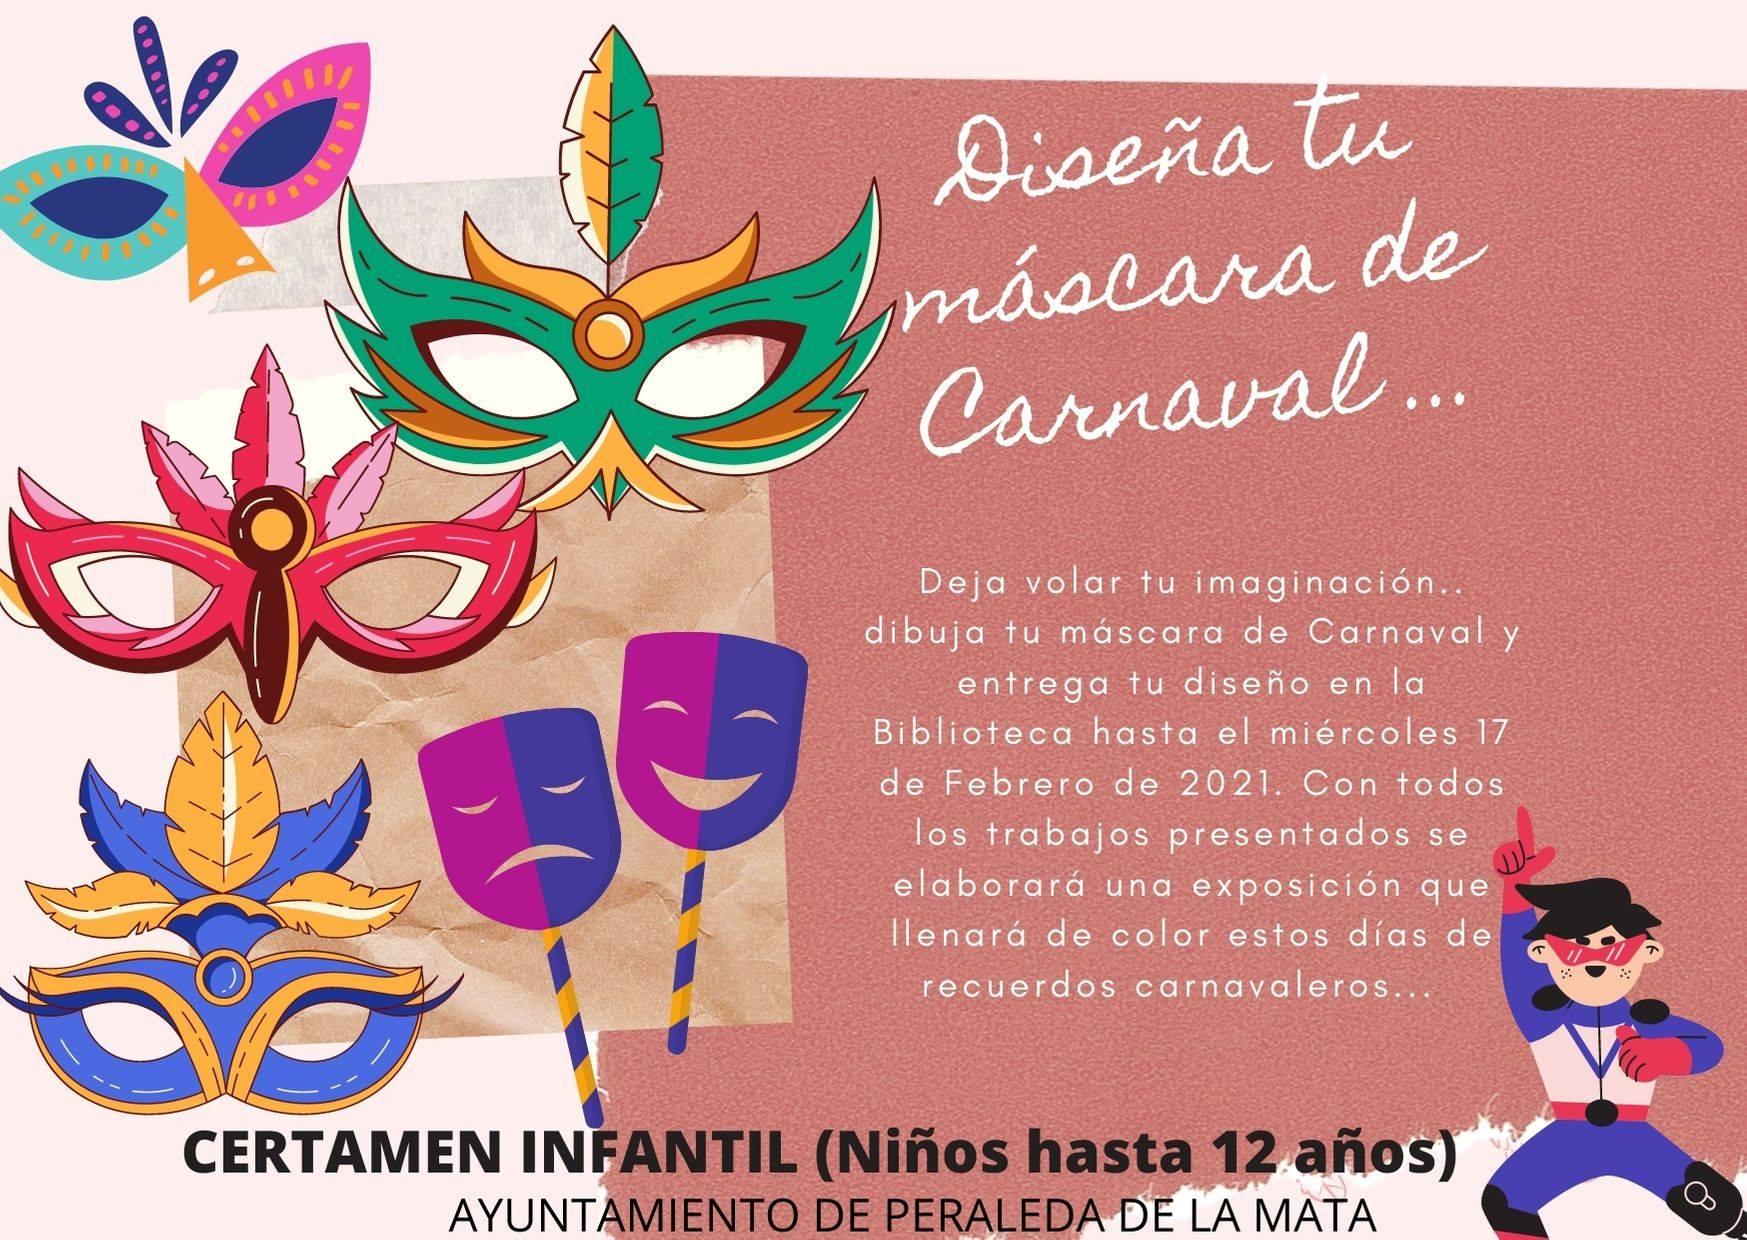 Certamen infantil de Carnaval (2021) - Peraleda de la Mata (Cáceres)